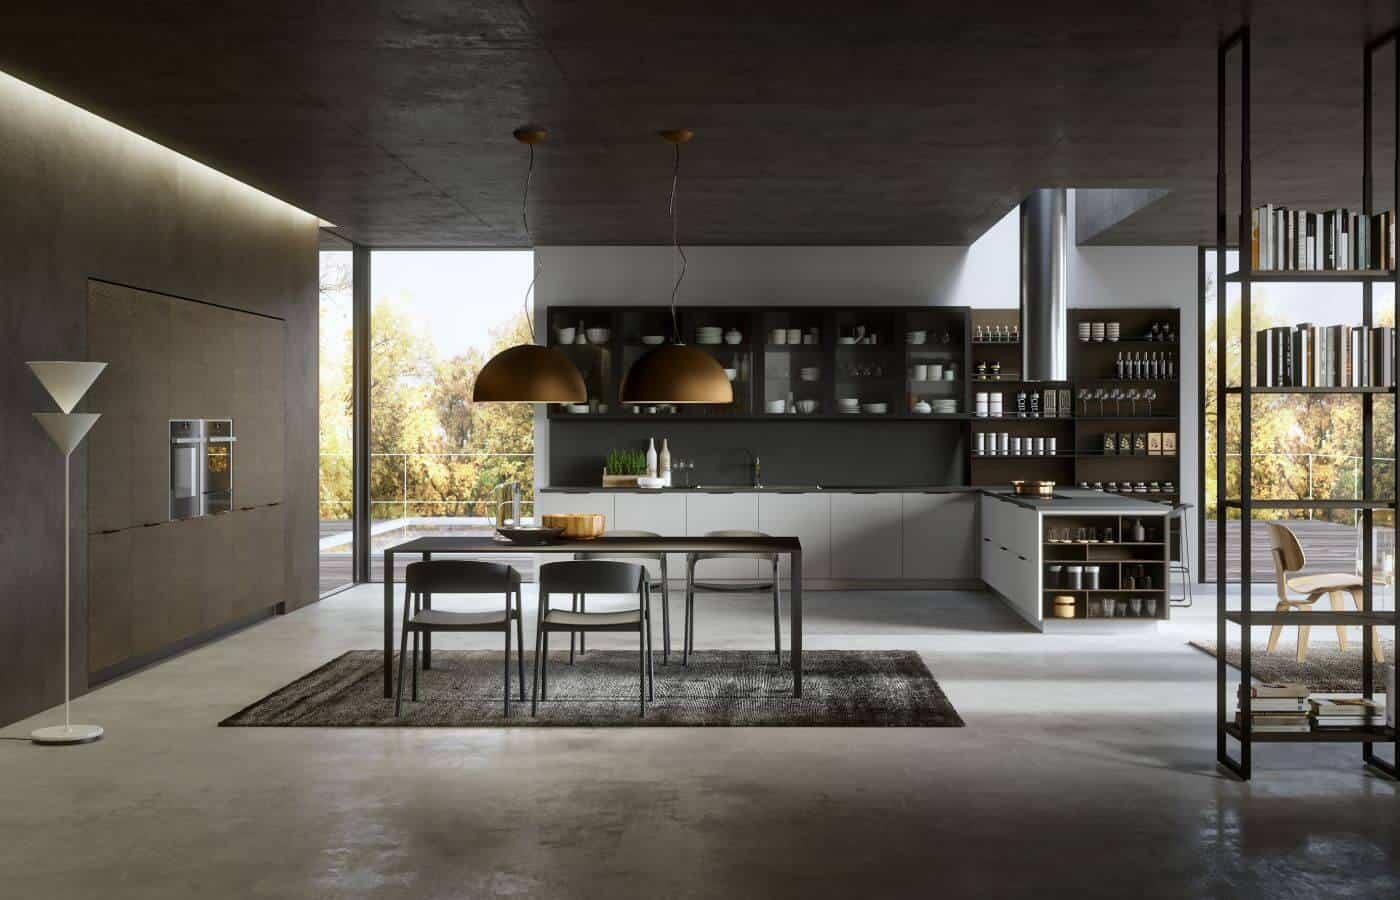 cucina-collezione-lilium-il-mobile